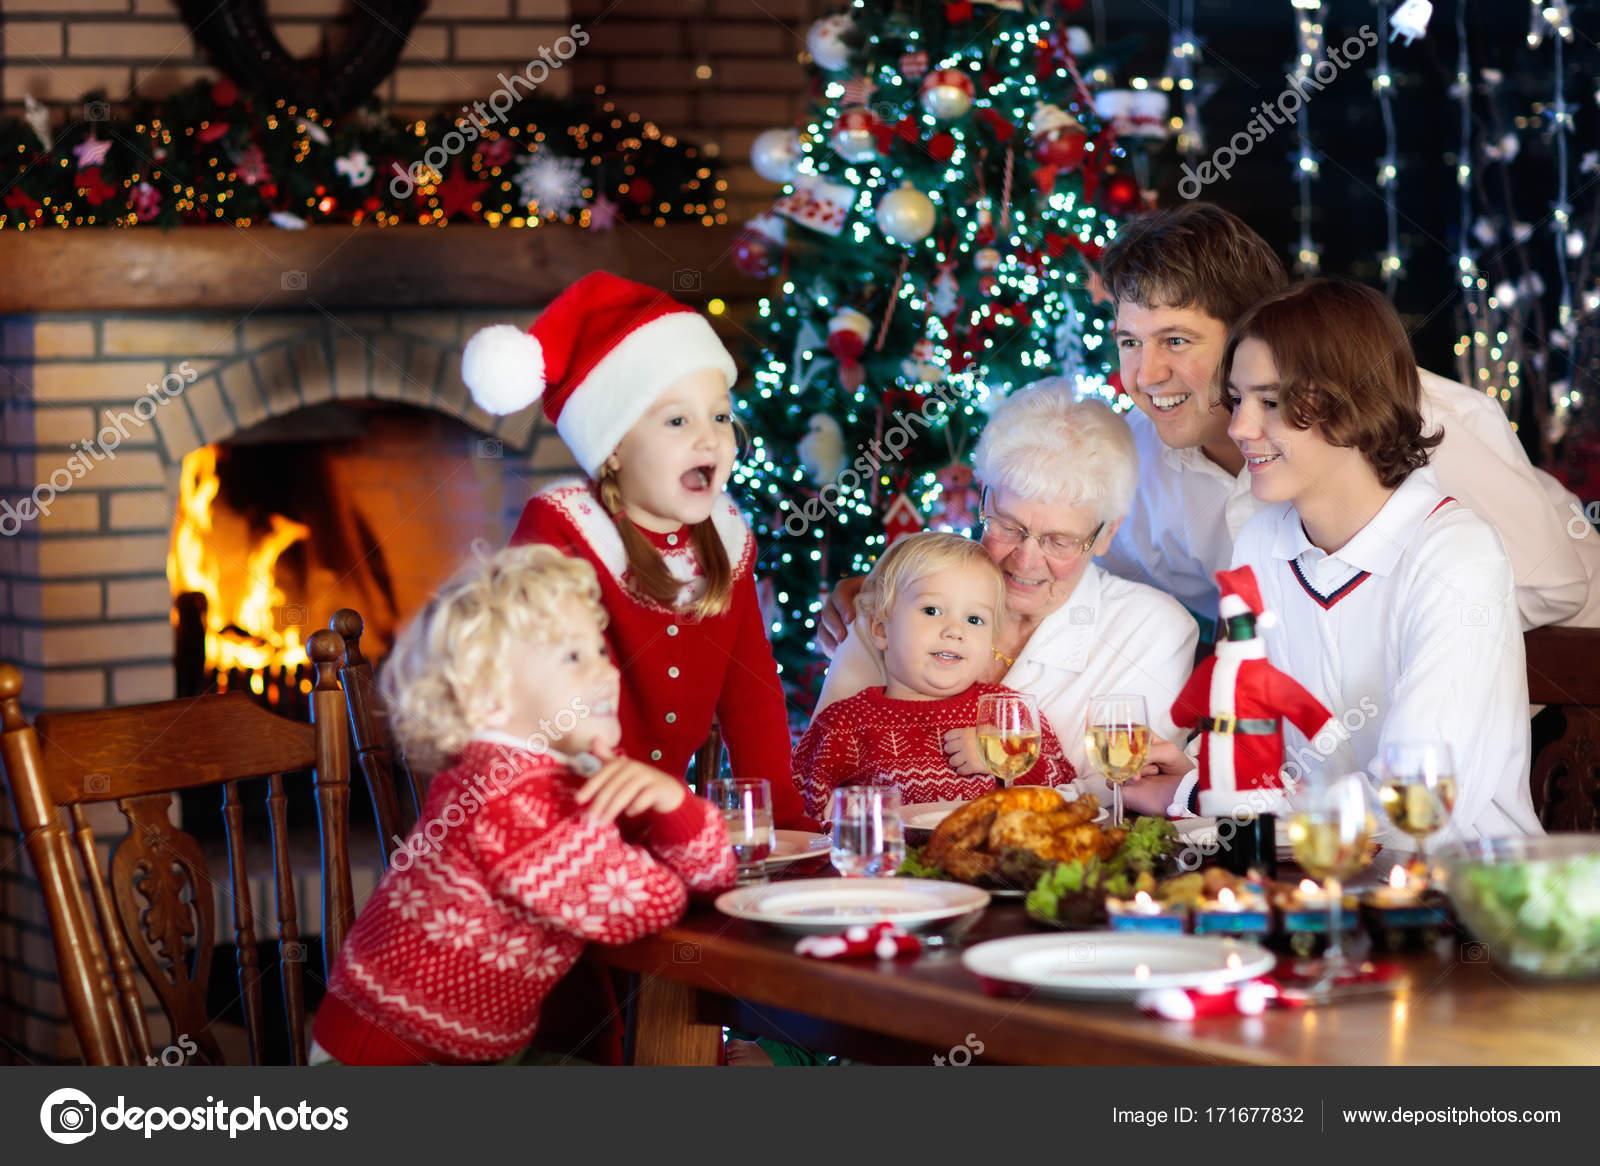 Foto Di Natale Con Bambini.Cena Di Natale Famiglia Con Bambini All Albero Di Natale